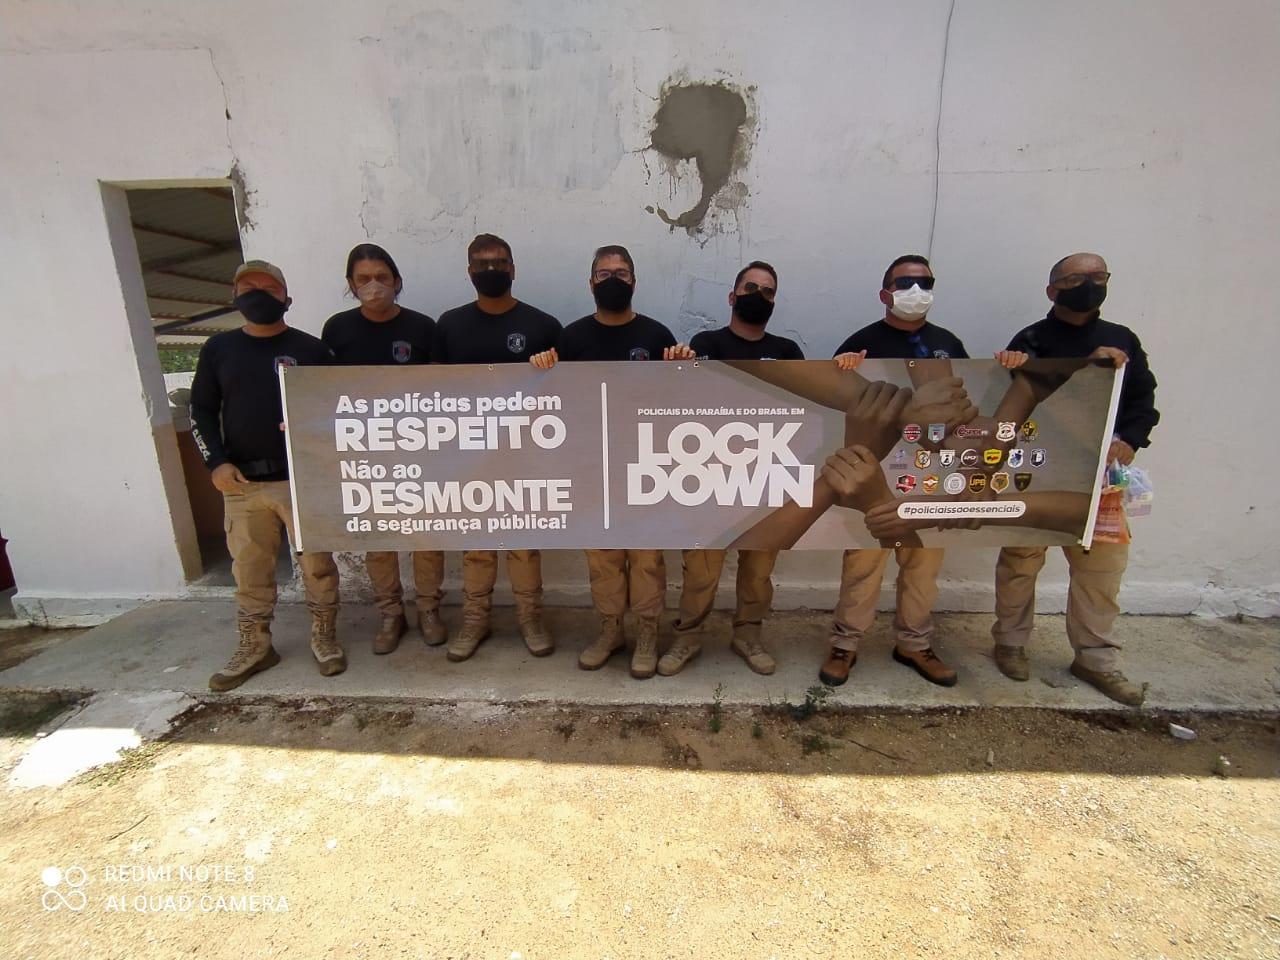 WhatsApp Image 2021 03 22 at 16.42.25 1 - Polícias da Paraíba paralisaram atividades pedindo vacinação para a classe; diretor da ASPOL diz que movimento é nacional